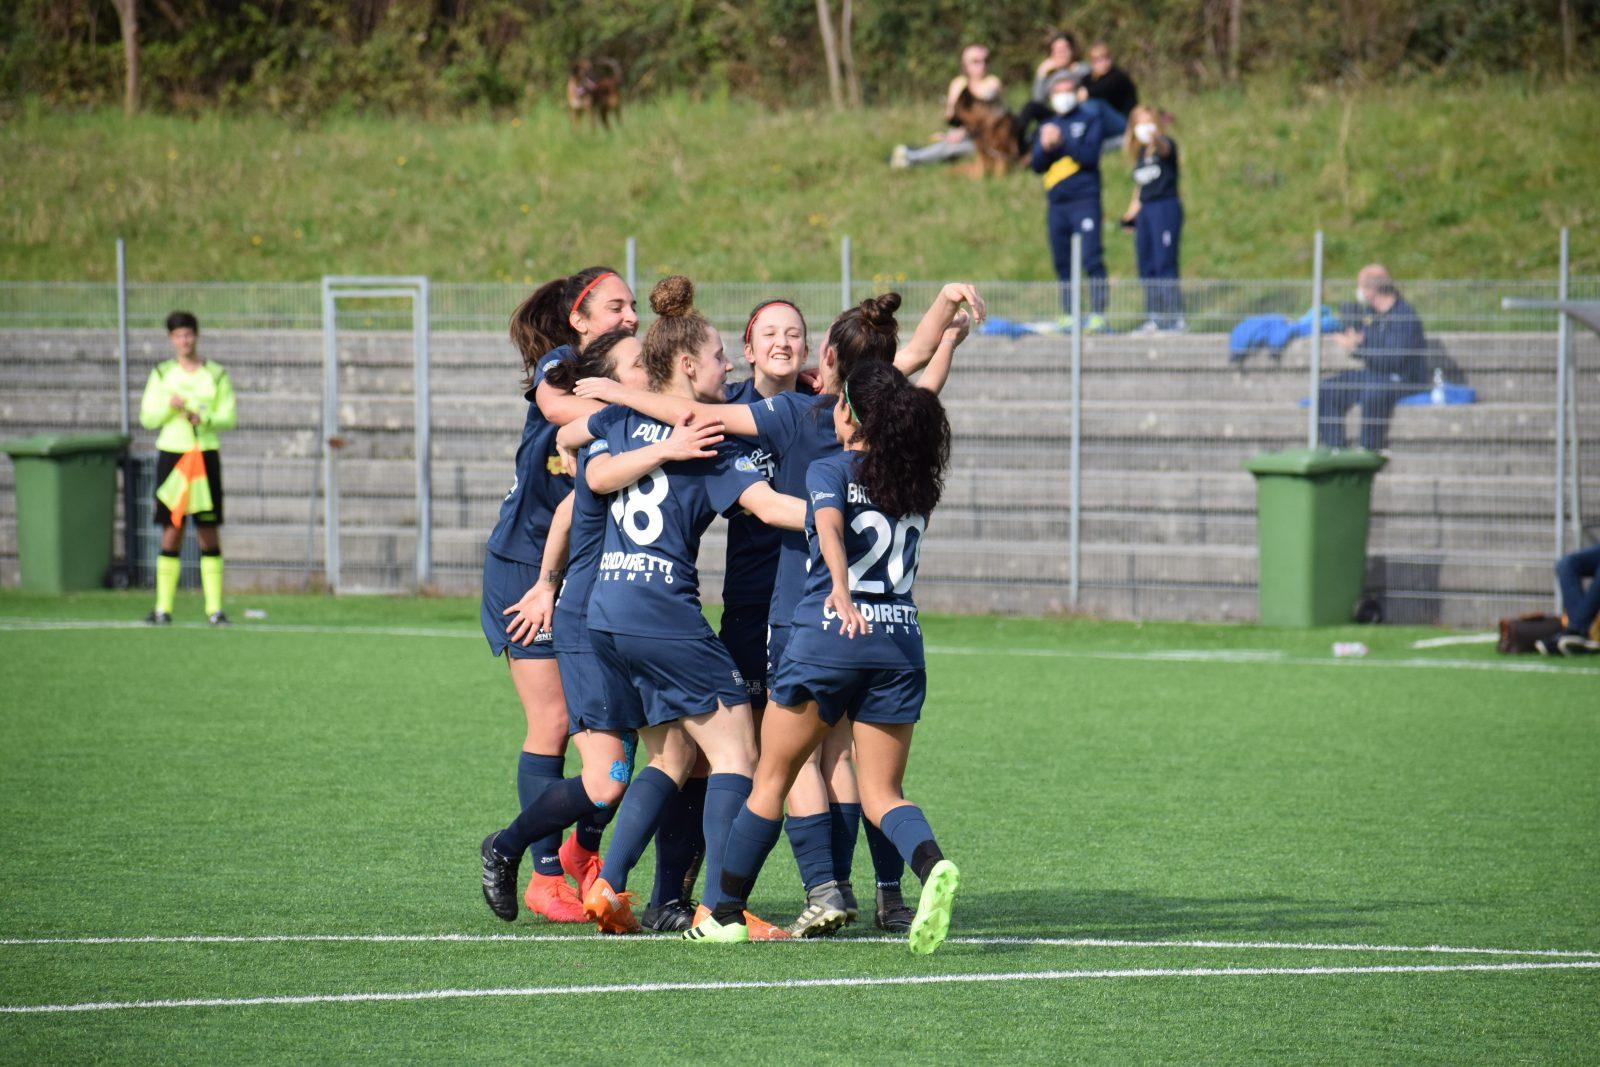 Le ragazze del Trento Calcio Femminile esultano dopo il gol segnato contro la Triestina